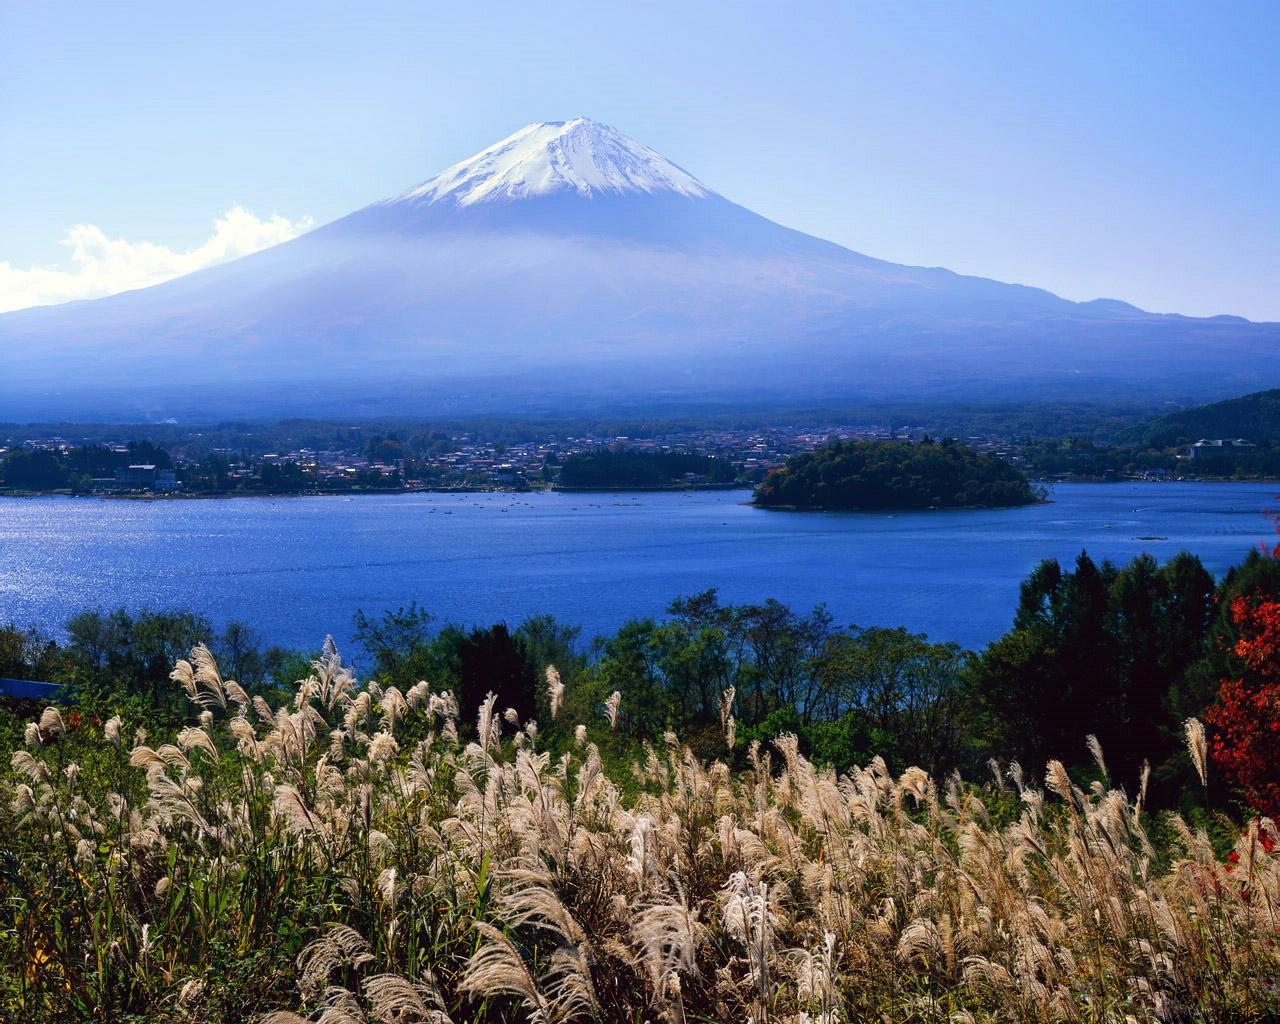 Фудзияма, вулкан, Япония, пейзажи, природа, красивые, обои, скачать